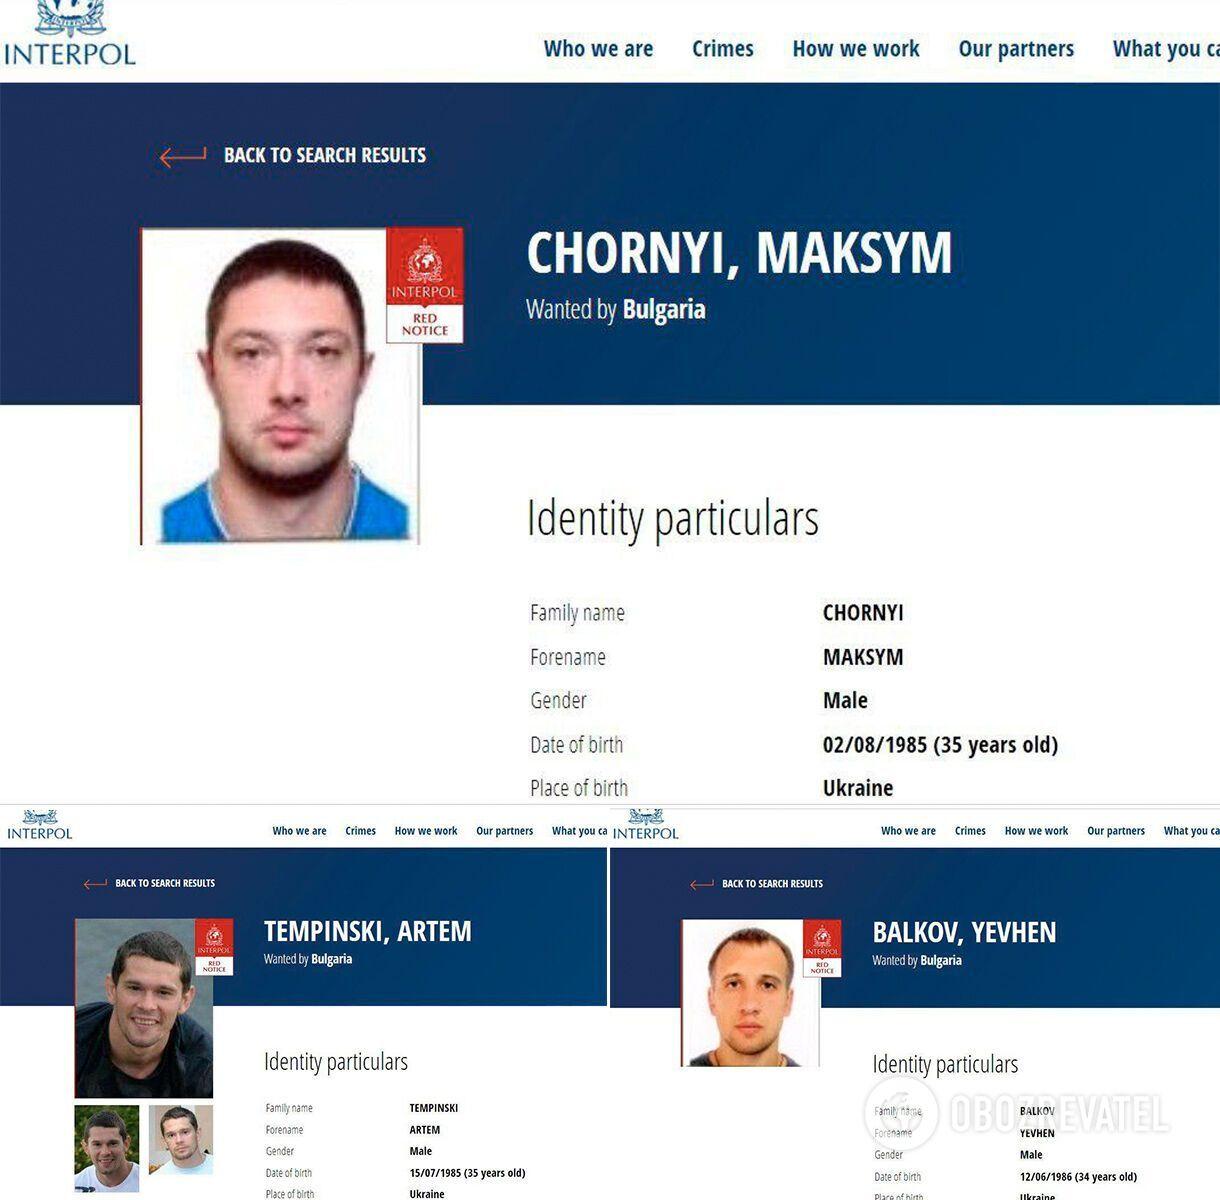 Трьох українців Болгарія в 2016 р. оголосила в міжнародний розшук